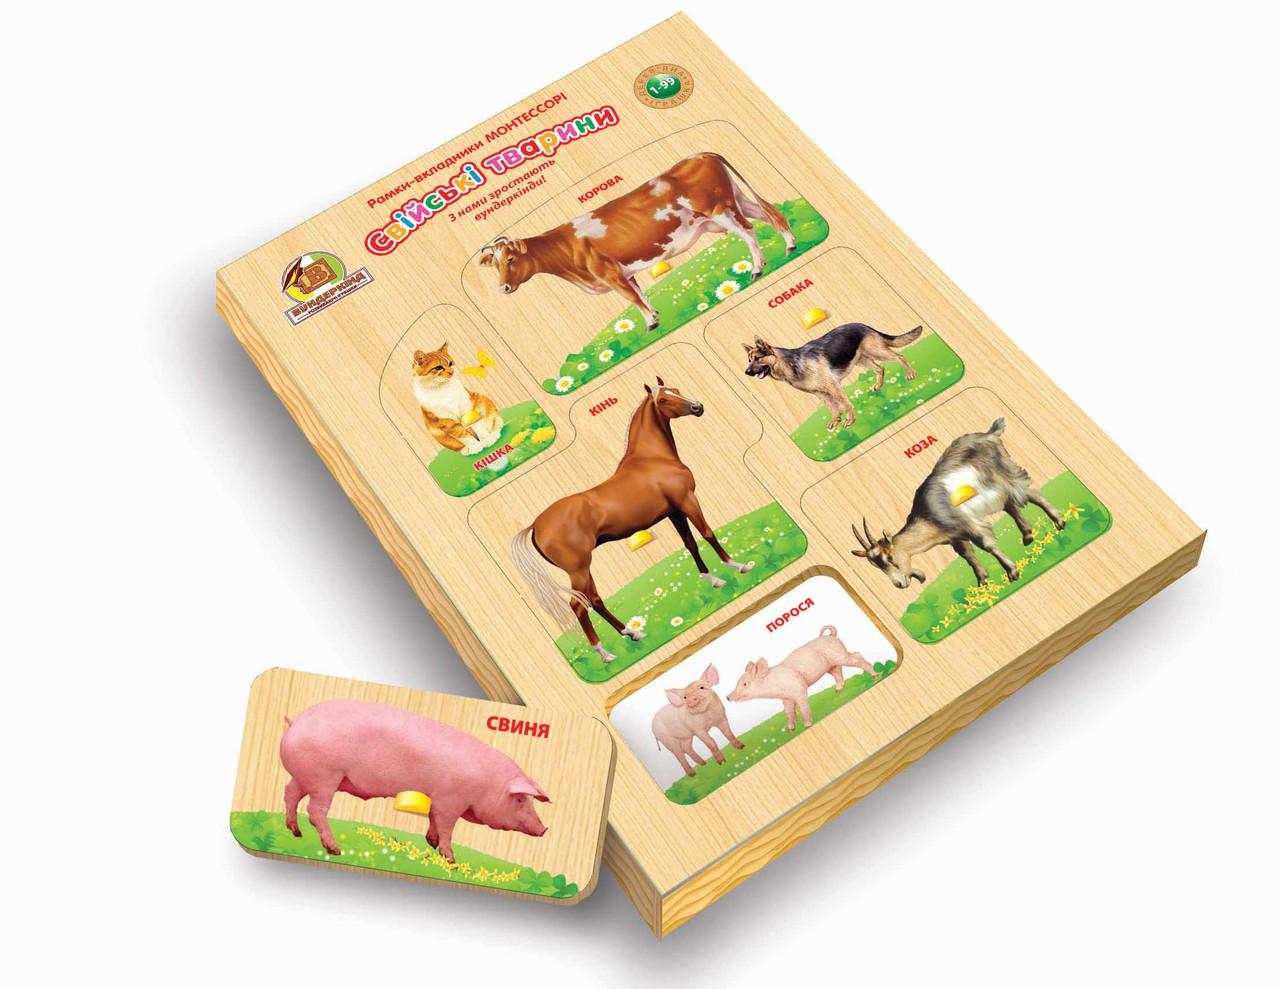 Рамки-вкладыши с подслоем Домашние животные. Материал: дерево. Методика Монтессори.